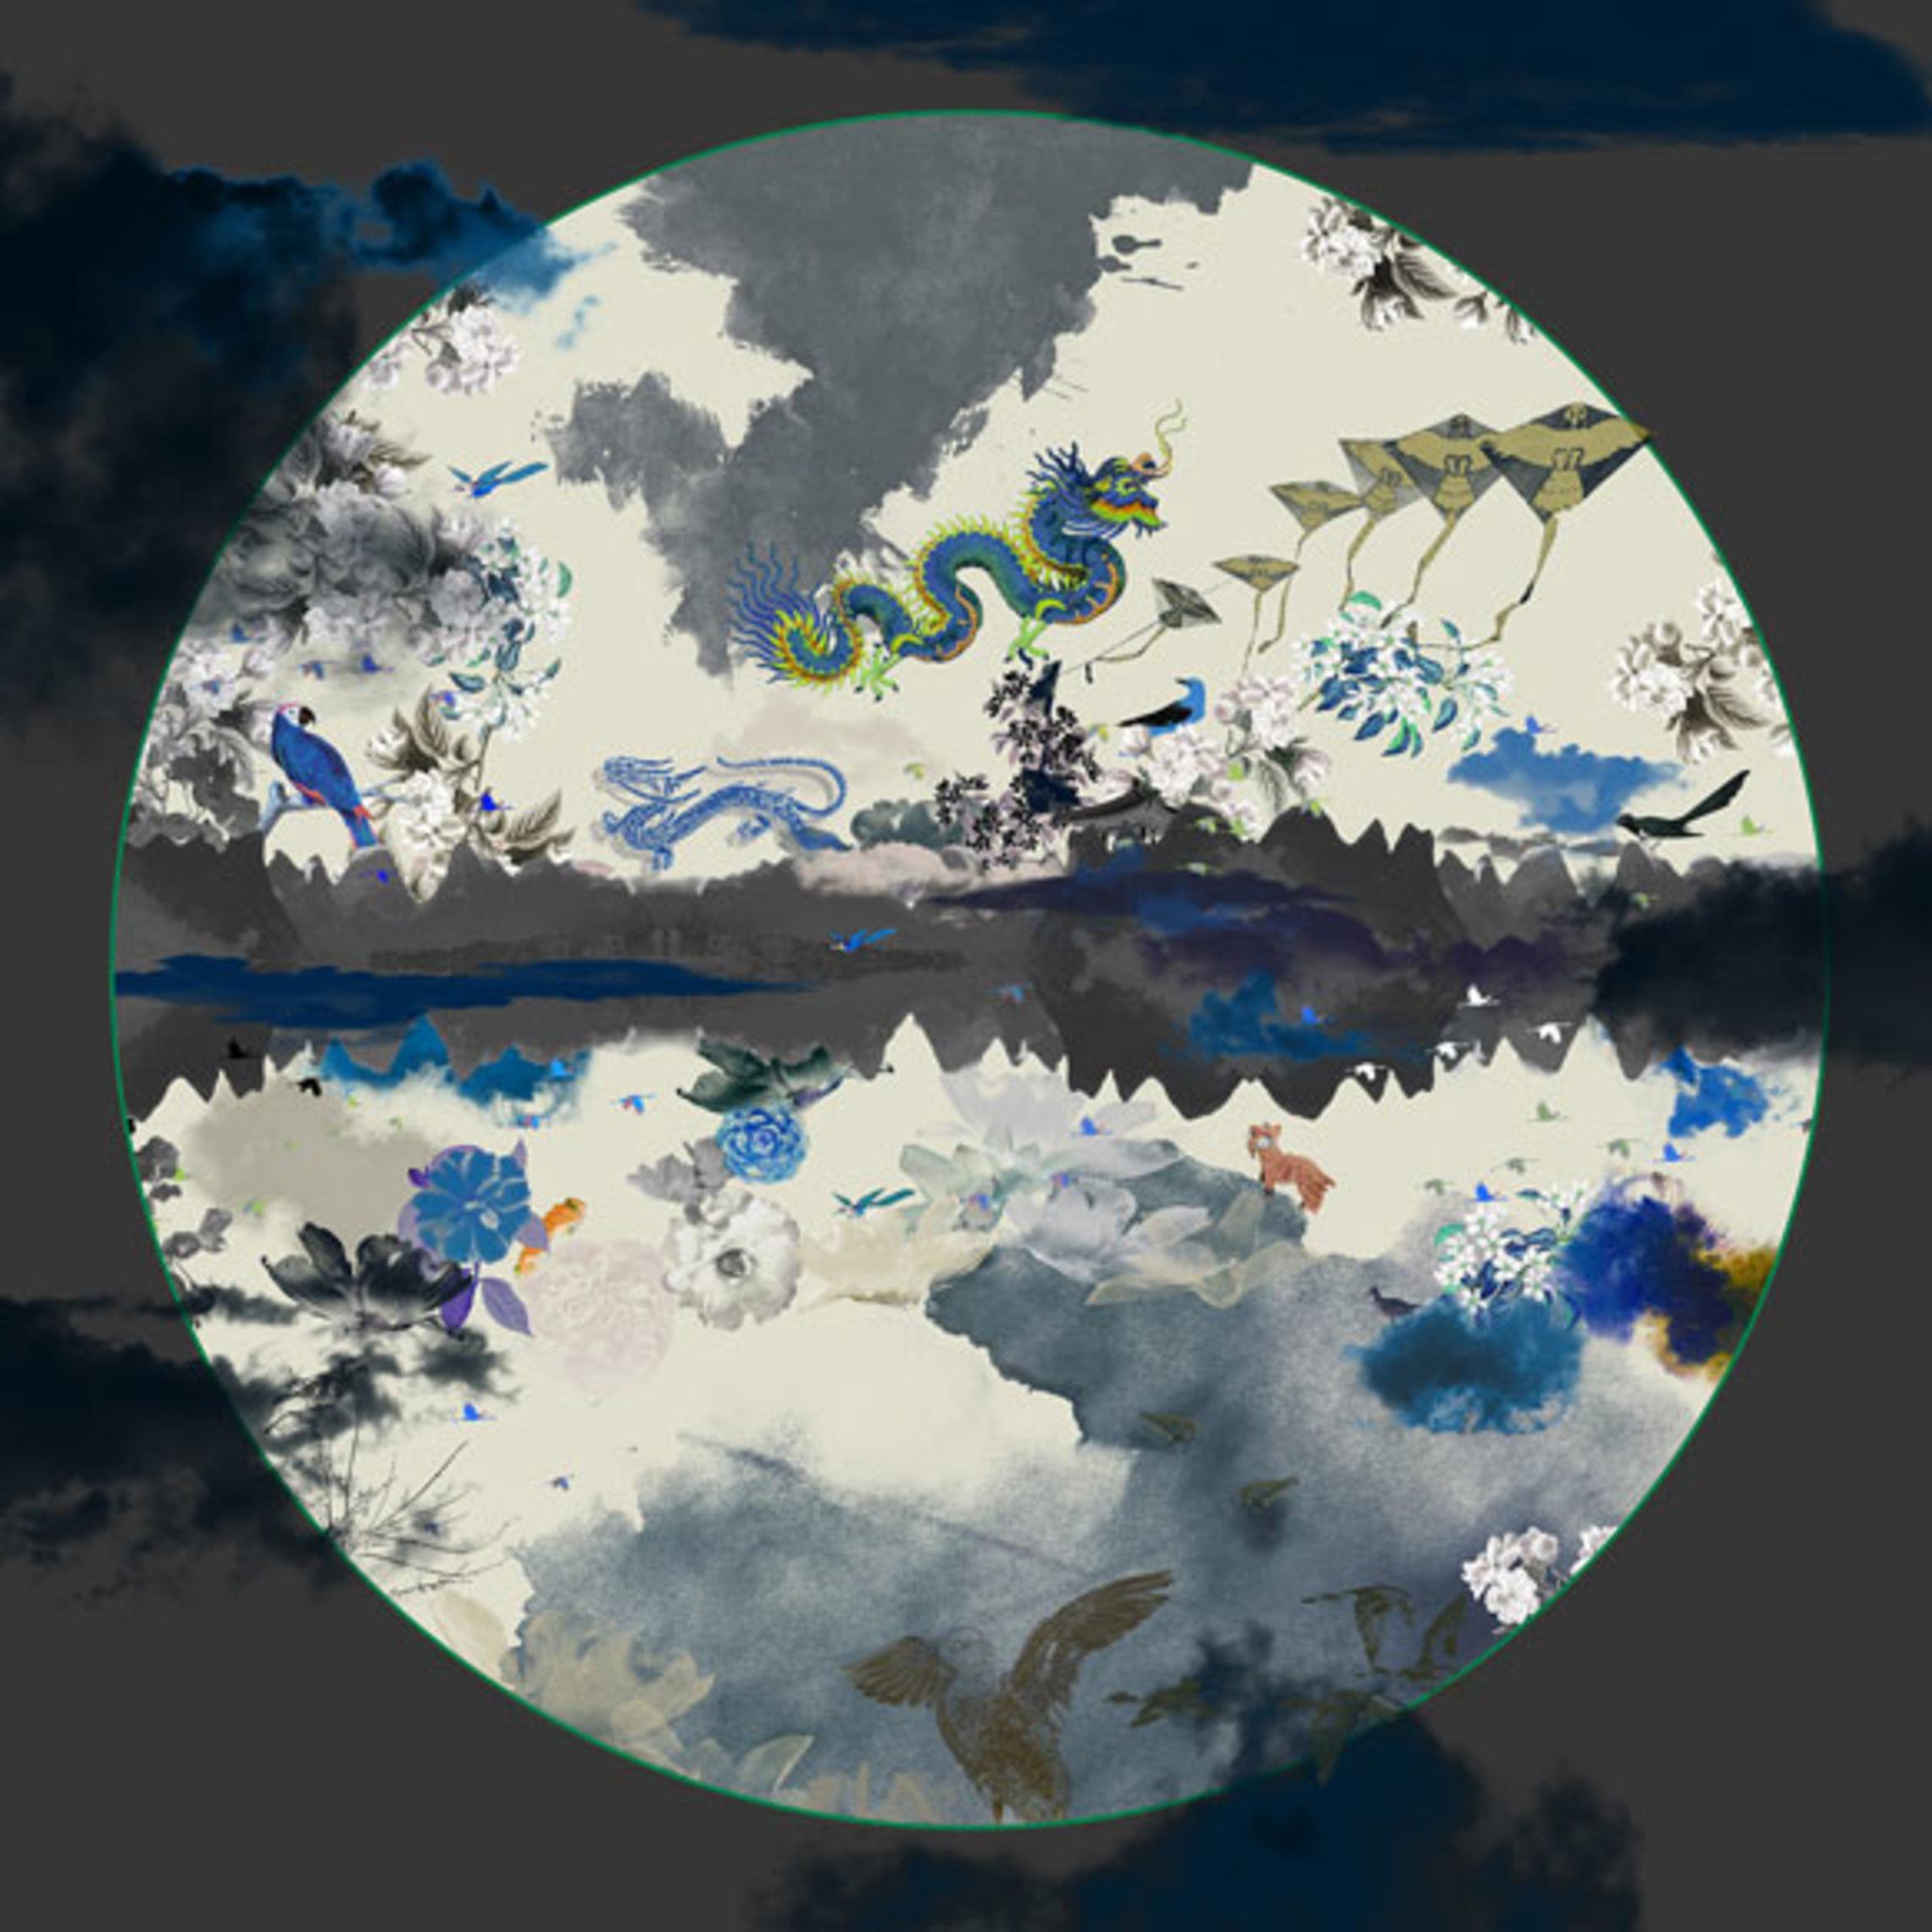 MOON by Zhang Guang-Yu